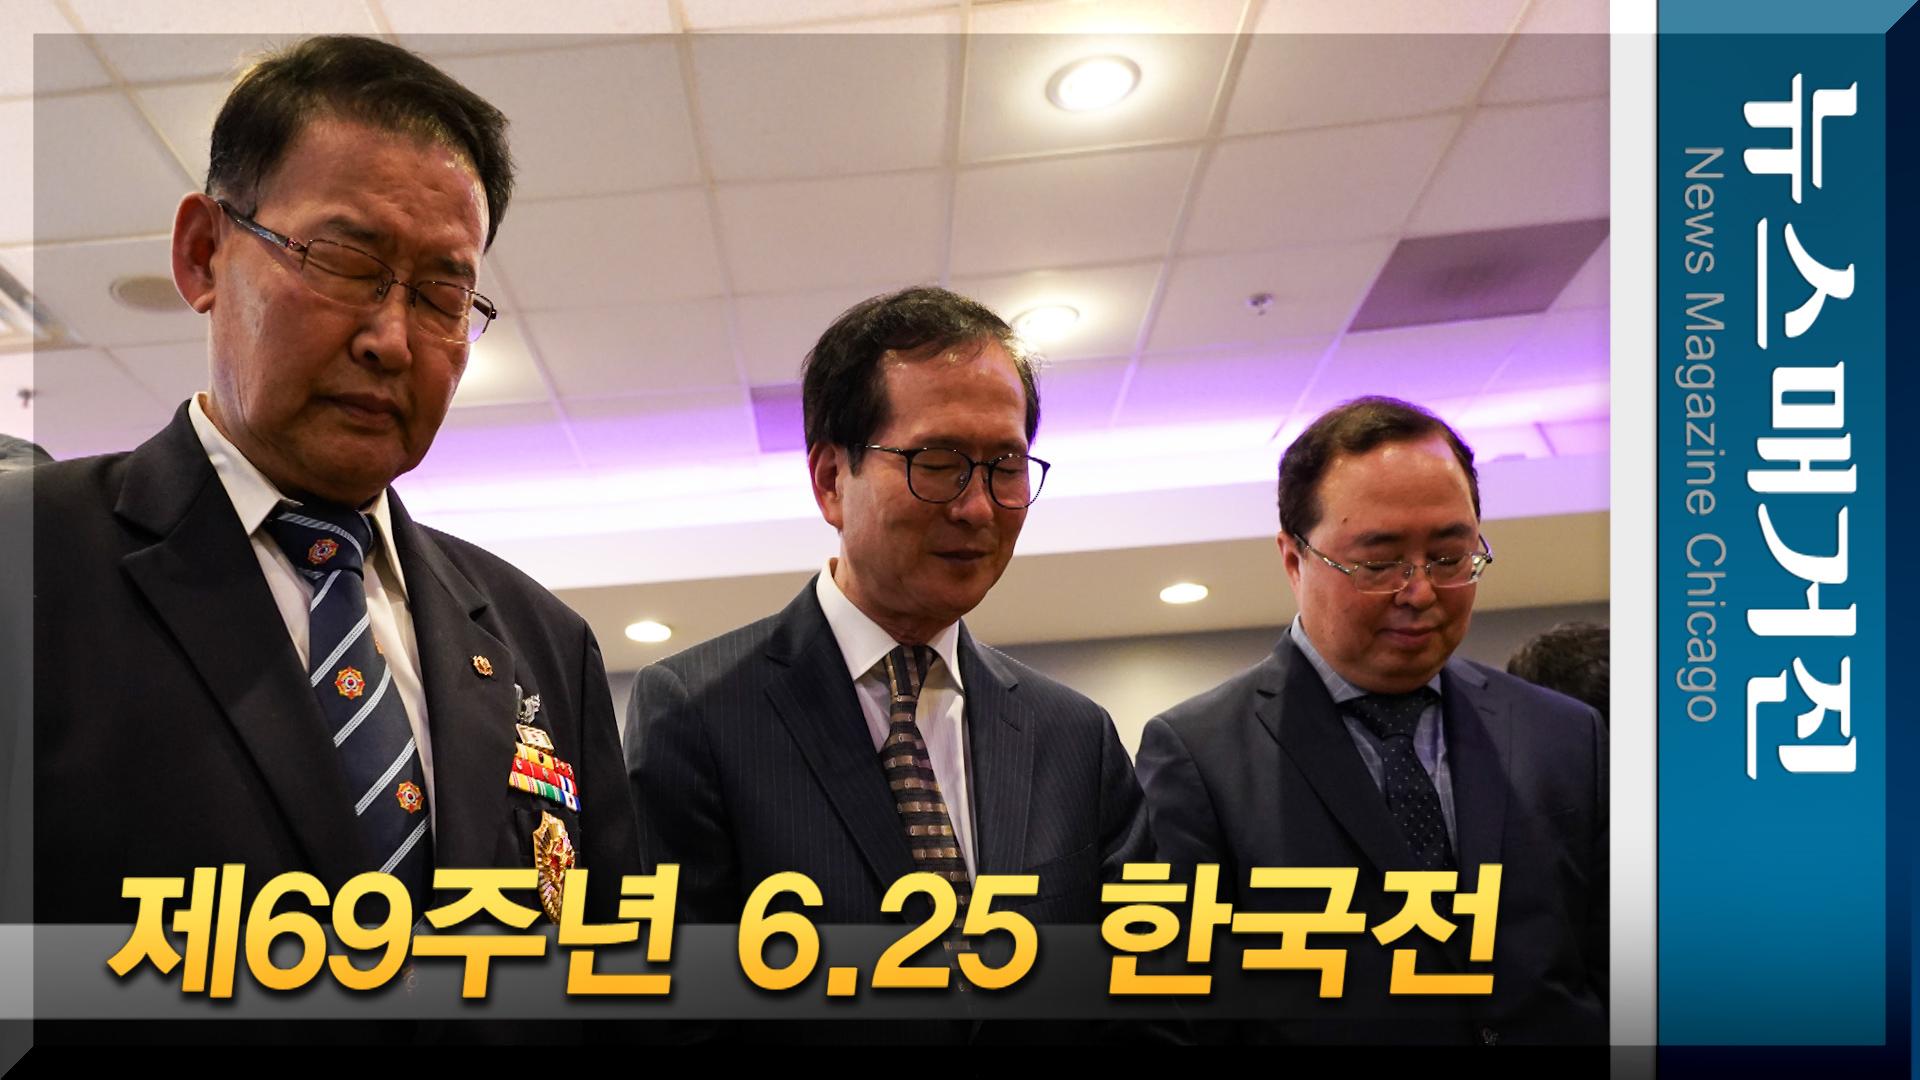 [인터뷰] 제69주년 6.25 기념식